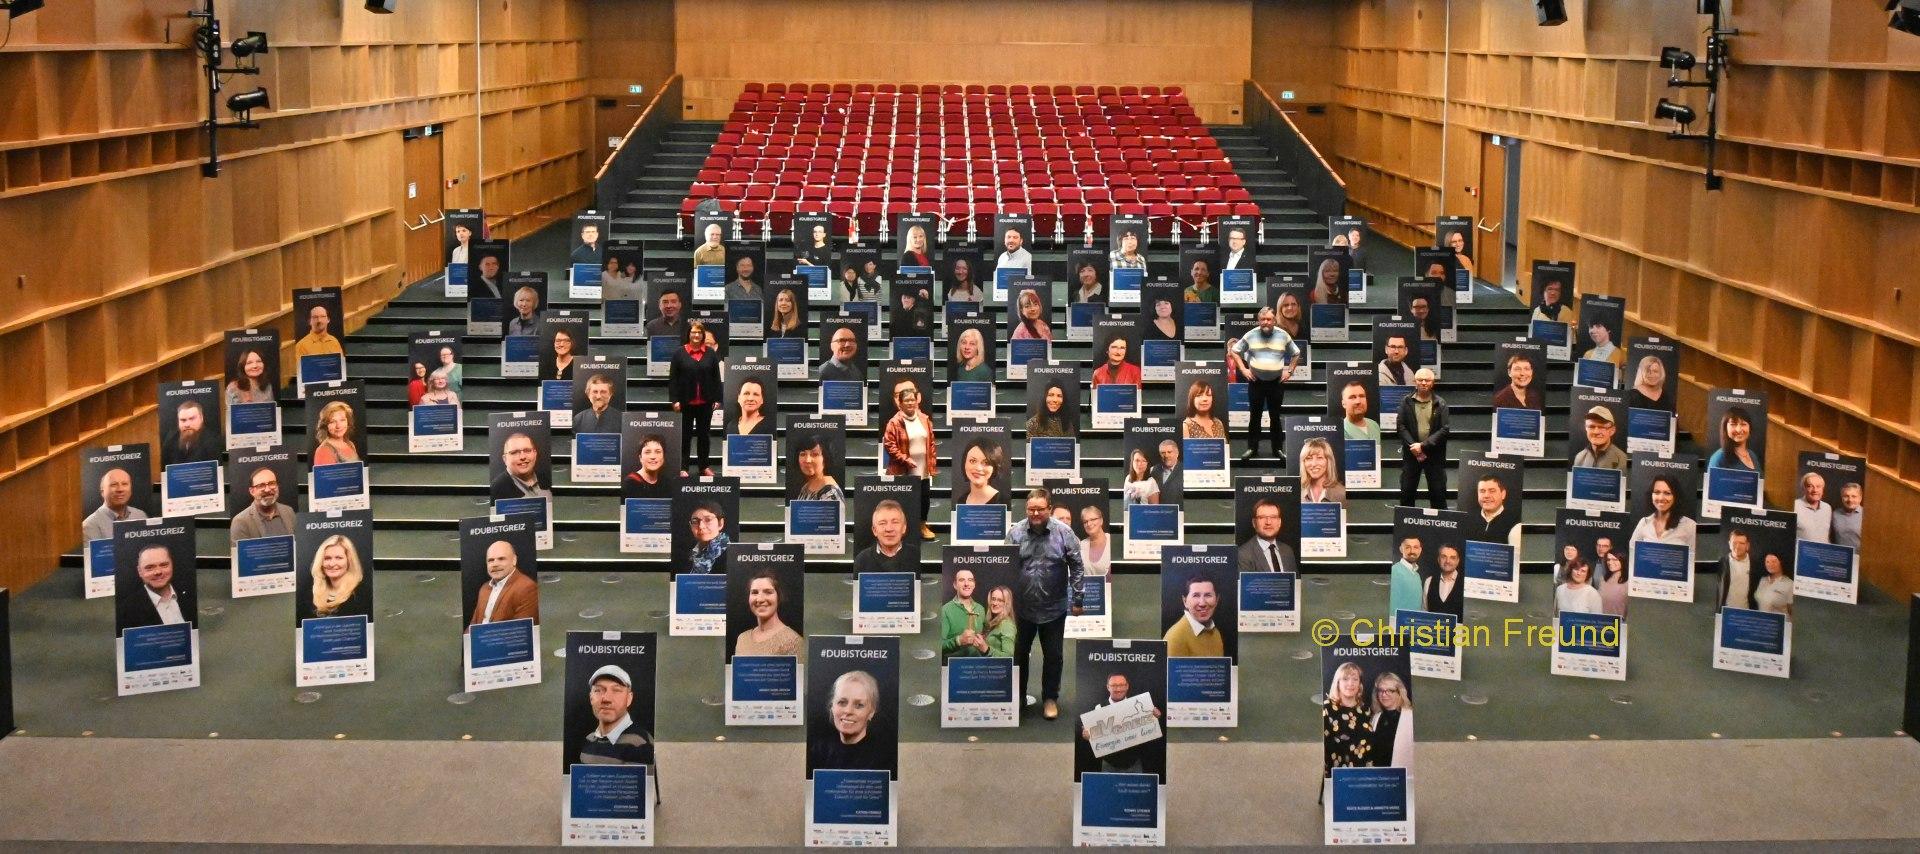 79 Unternehmer setzen bei Plakataktion DUBISTGREIZ ein Zeichen/ fünf Lions dabei